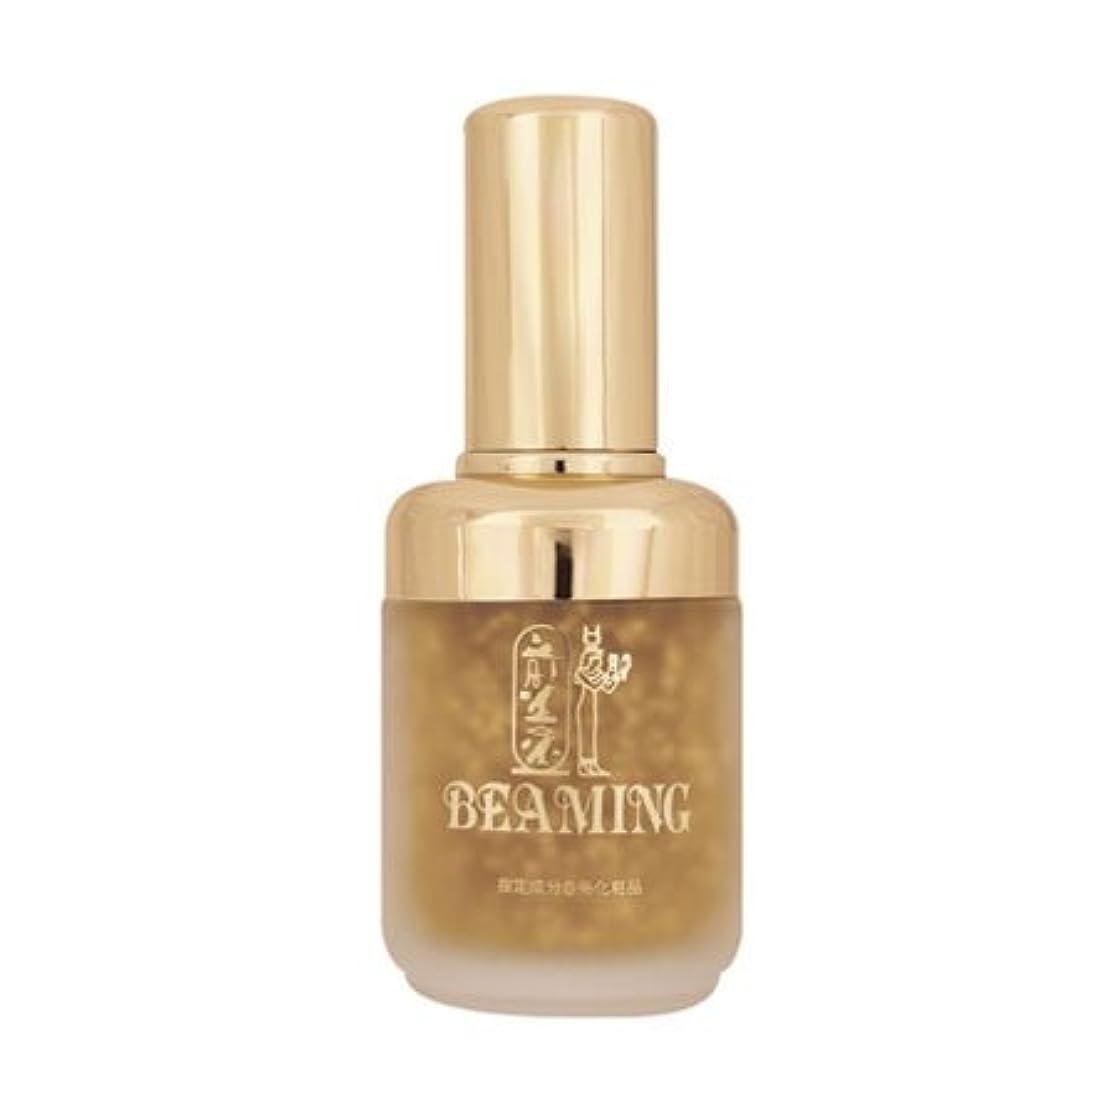 フォージカロリー不均一ゴールドコスメ ビーミングゴールド エッセンス 美容液 60ml